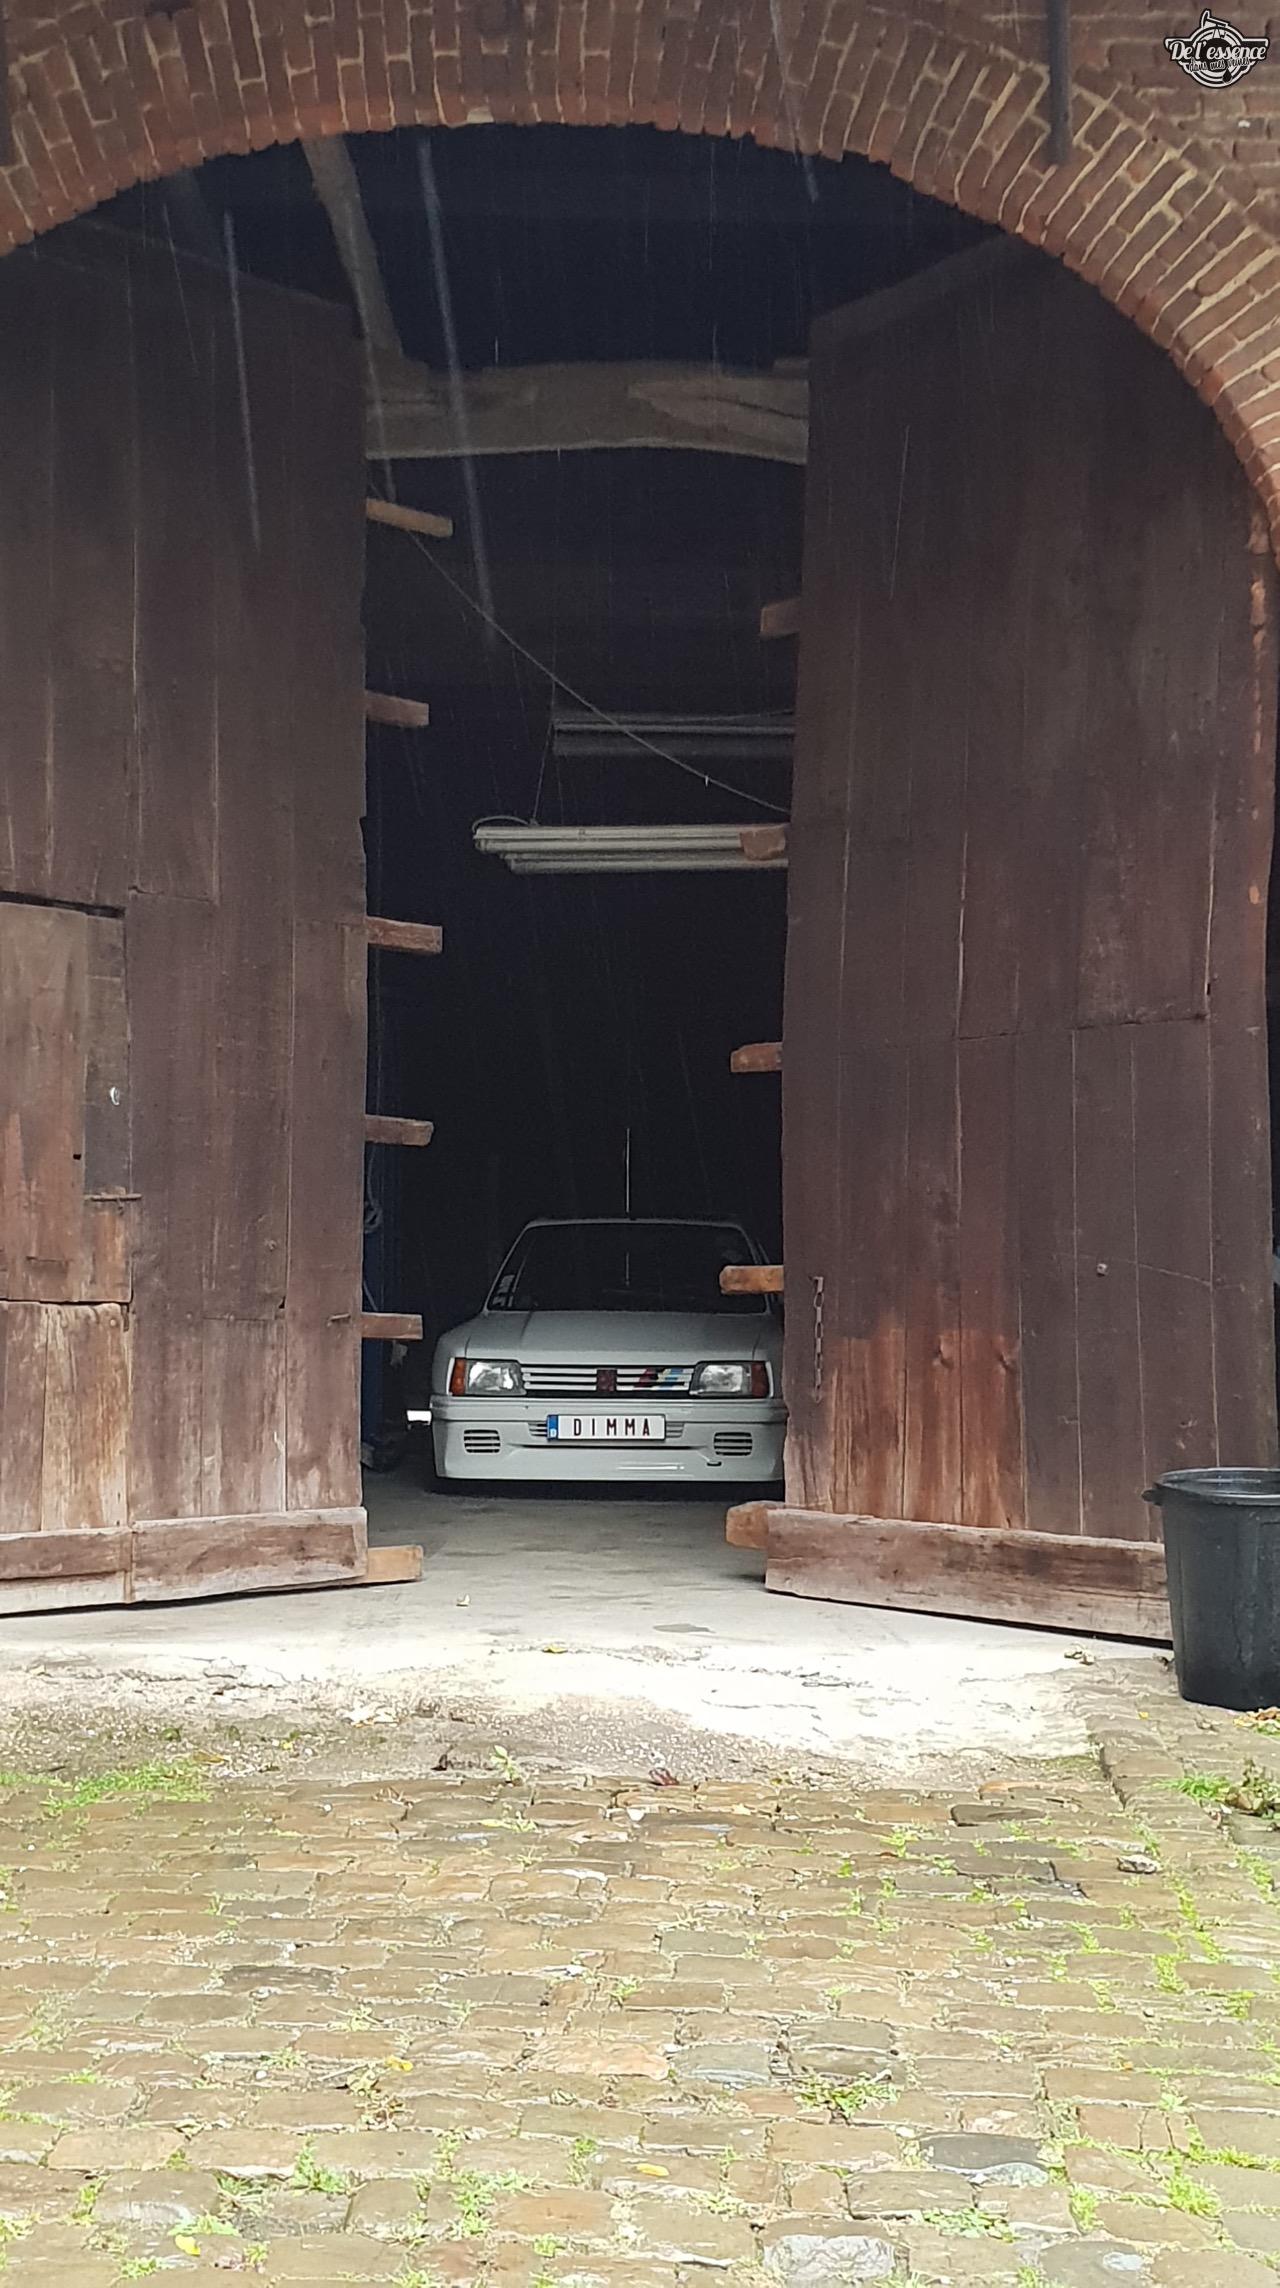 205 Rallye 1900 Dimma - L'histoire d'une renaissance ! 5